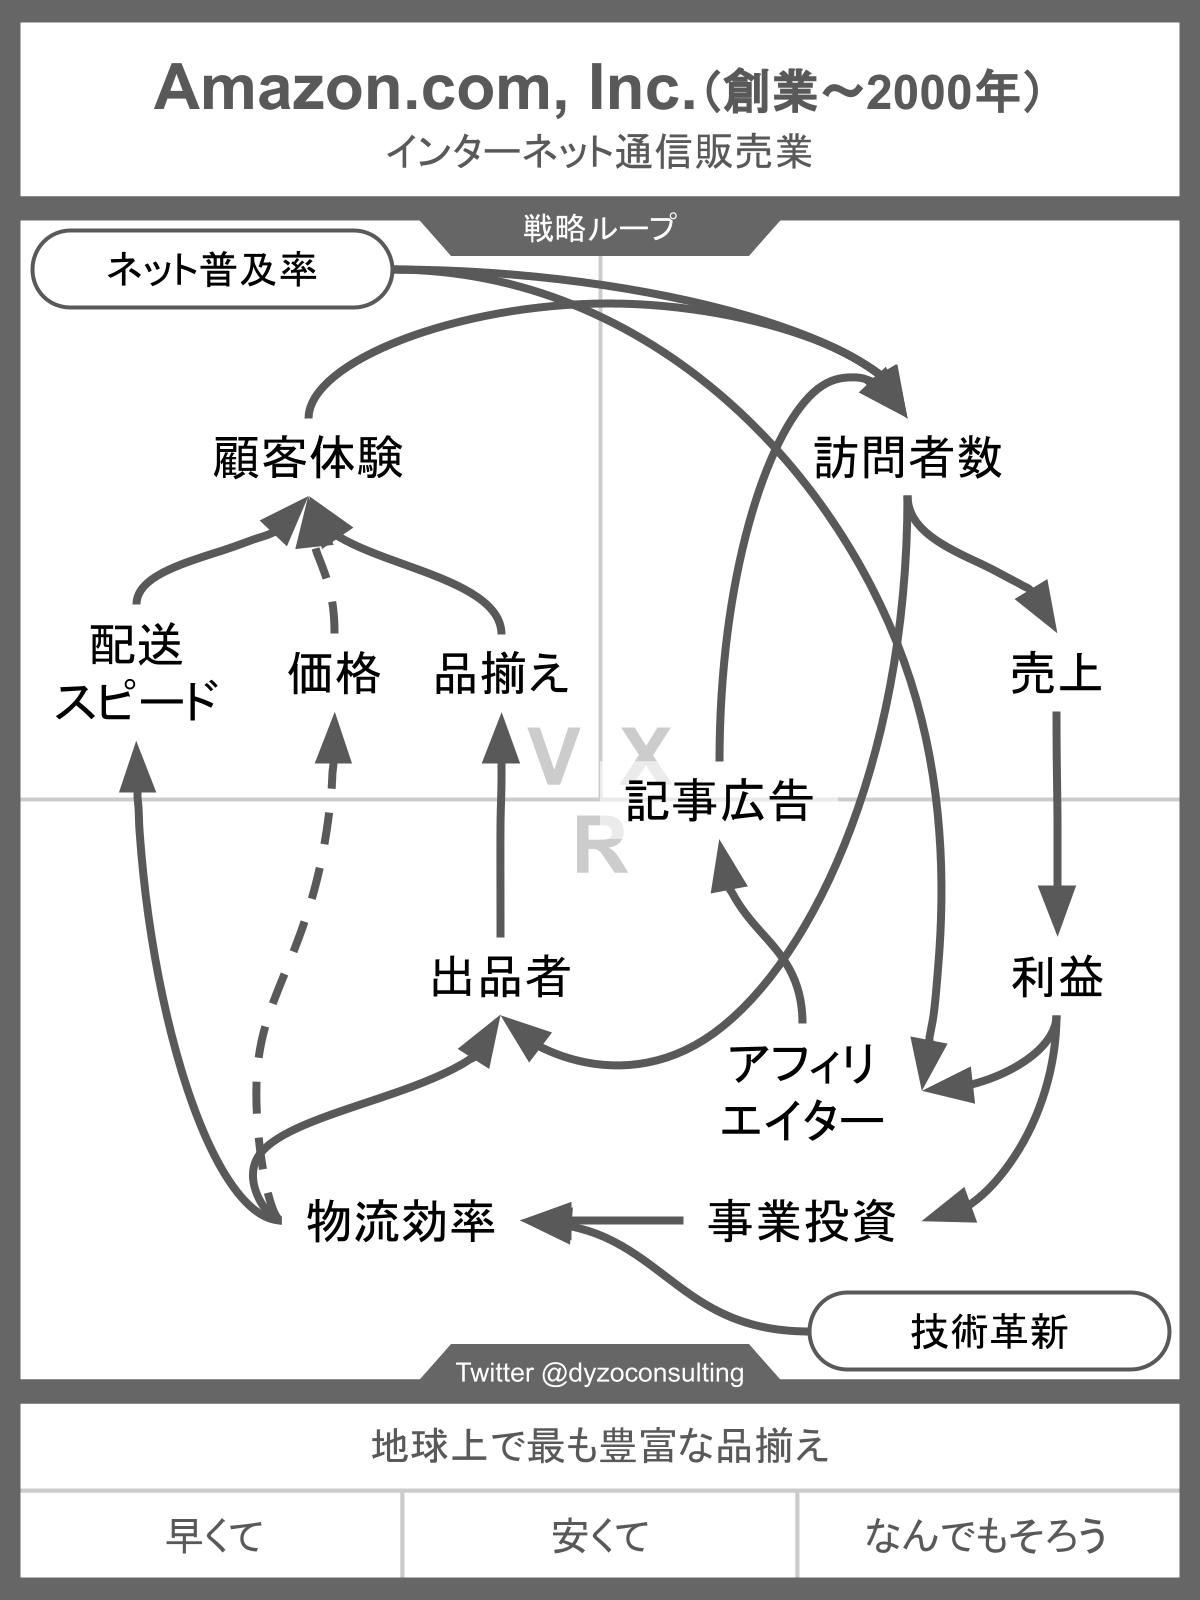 創業から2000年までのAmazonの戦略ループ